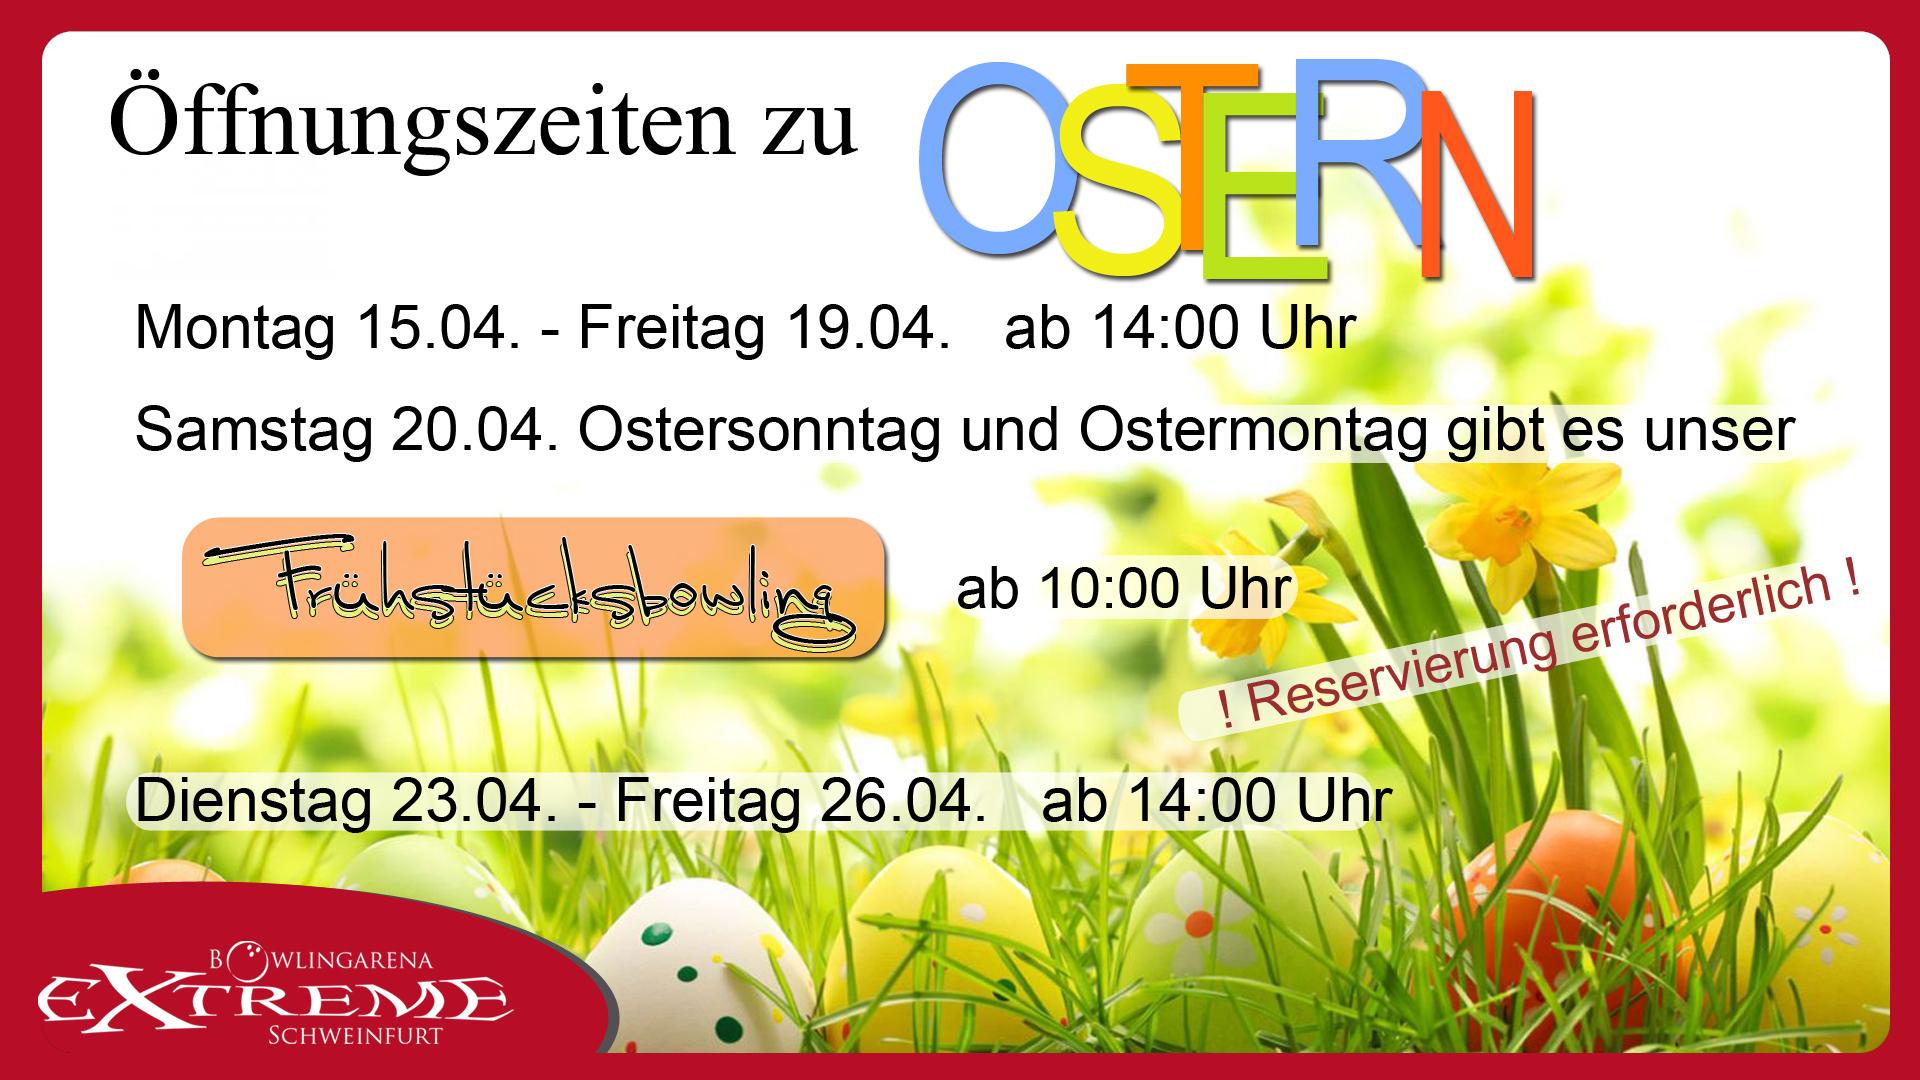 Osterferien Öffnungszeiten